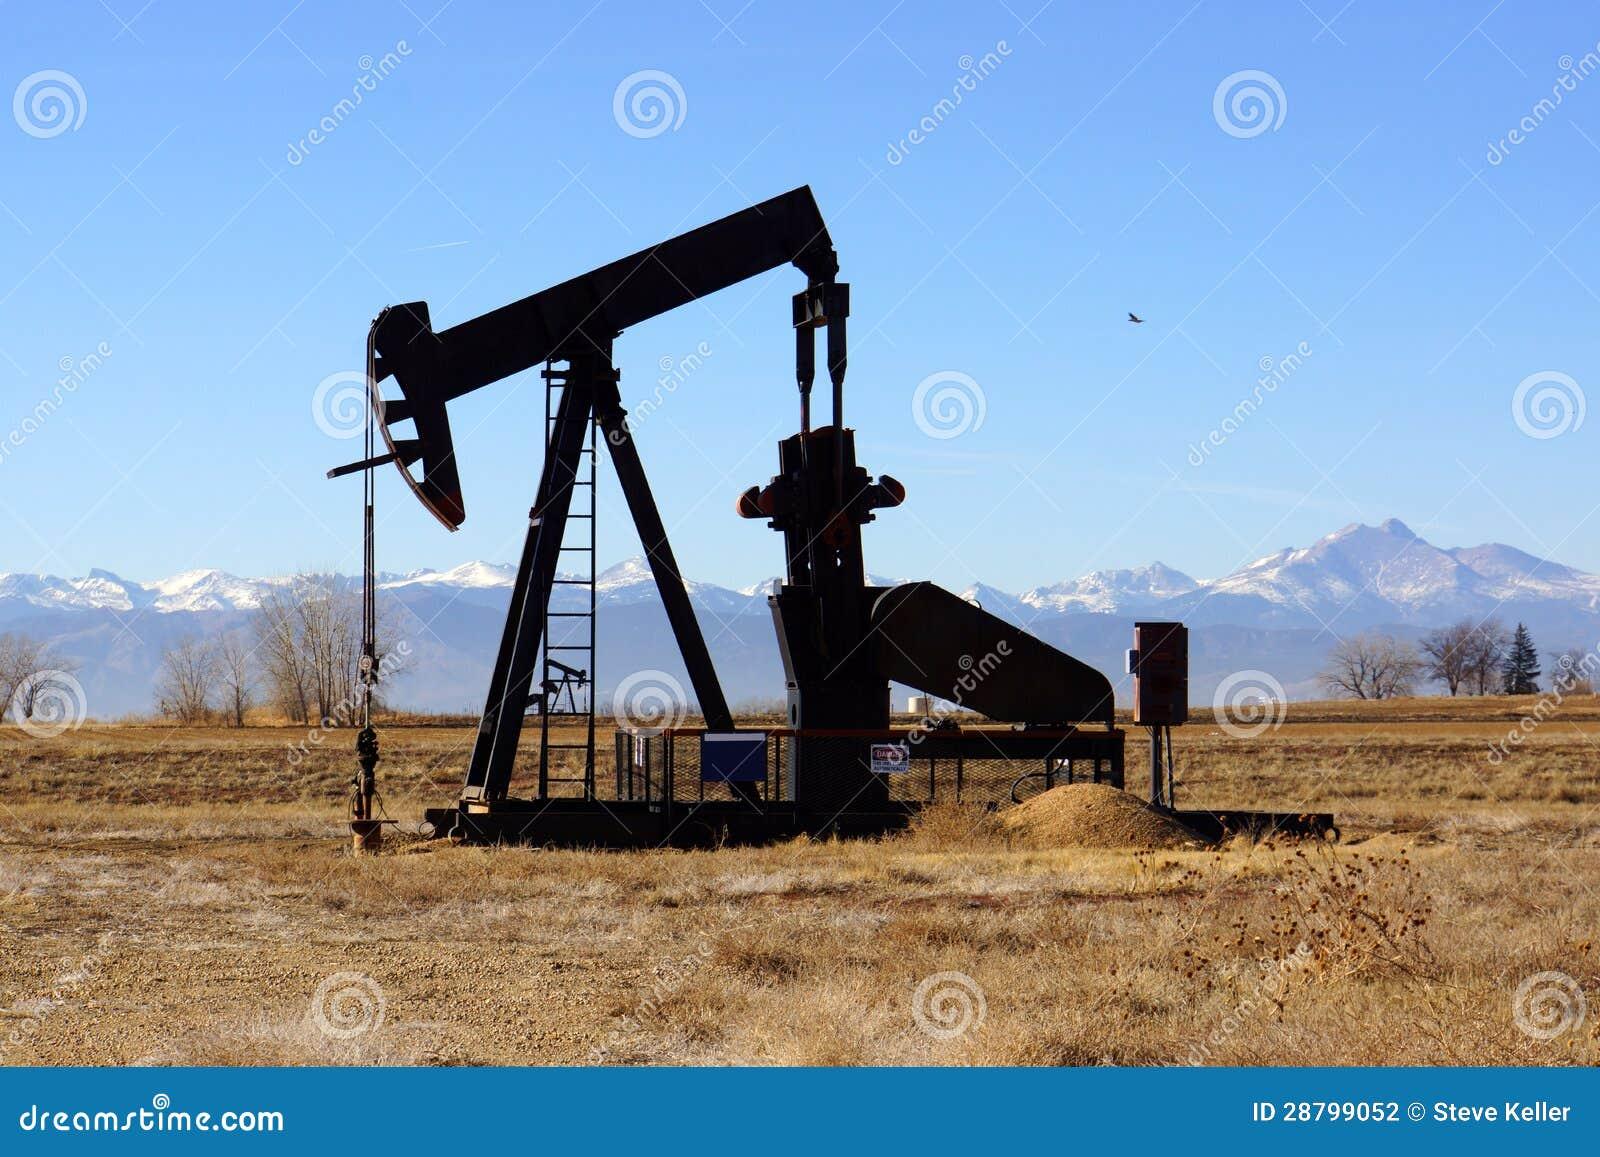 Gas Prices In Colorado >> Colorado oil pump stock photo. Image of rockies, eastern ...